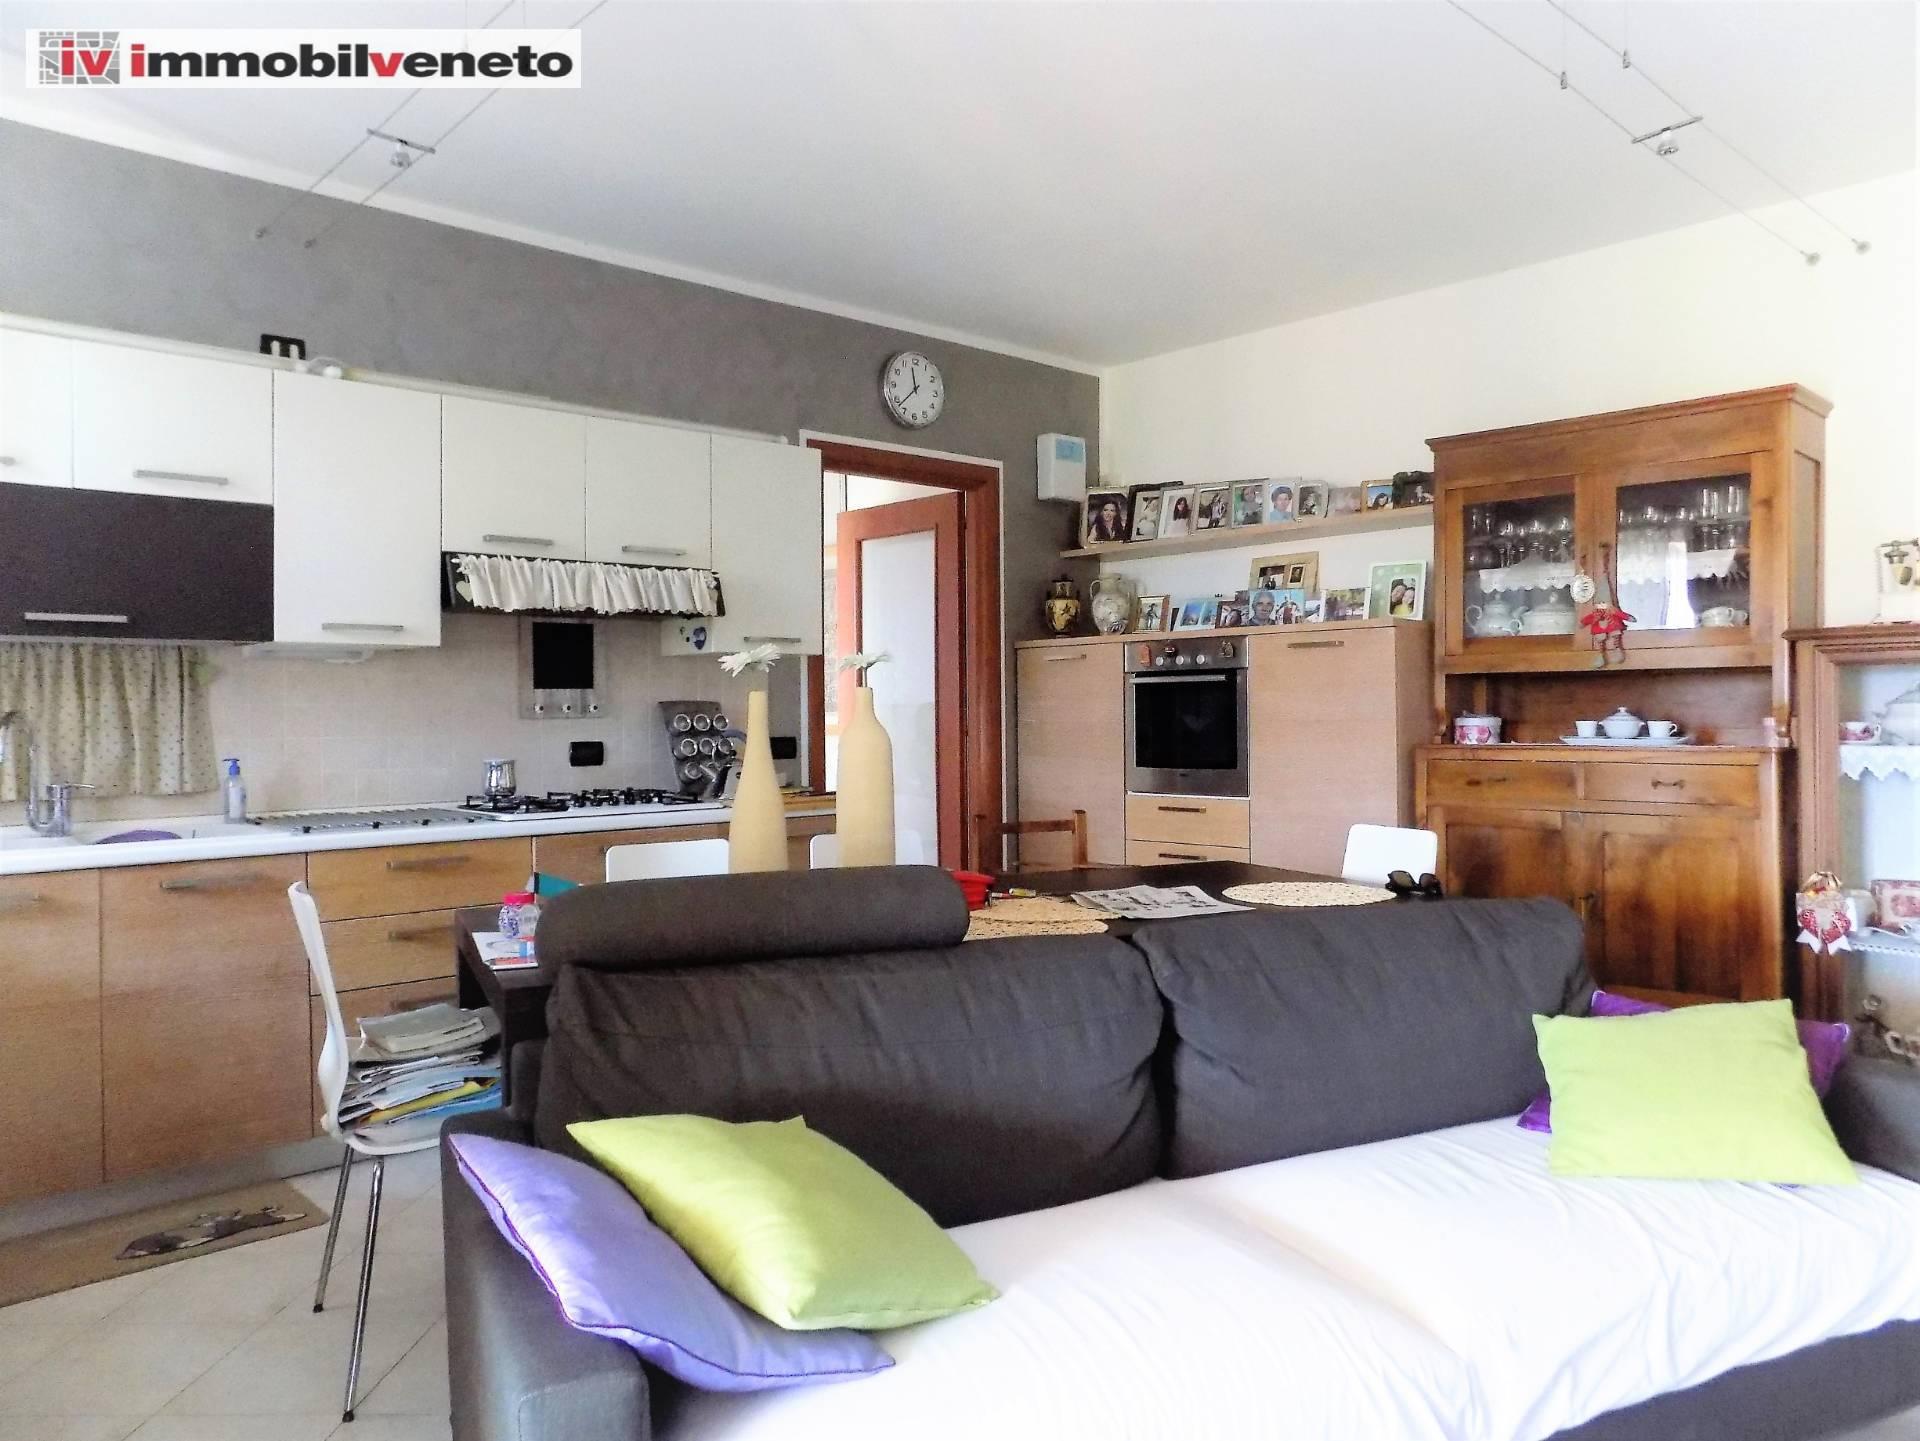 Appartamento in vendita a Lonigo, 4 locali, zona sano, prezzo € 130.000 | PortaleAgenzieImmobiliari.it